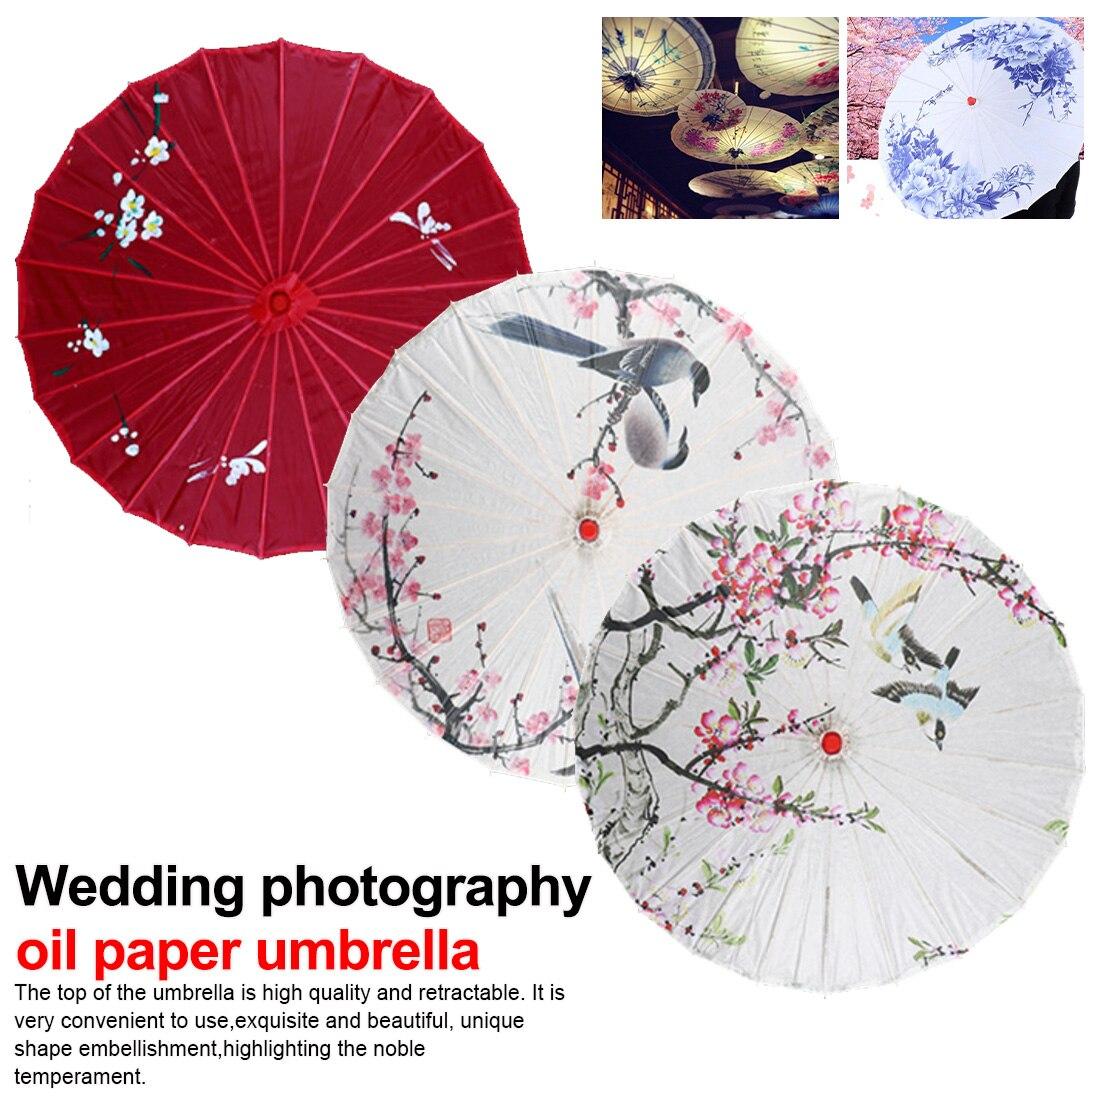 Parapluie décoratif Style chinois huile papier femmes   Parapluie en soie, parapluie japonais fleurs de cerisier, parapluie ancien de danse en soie